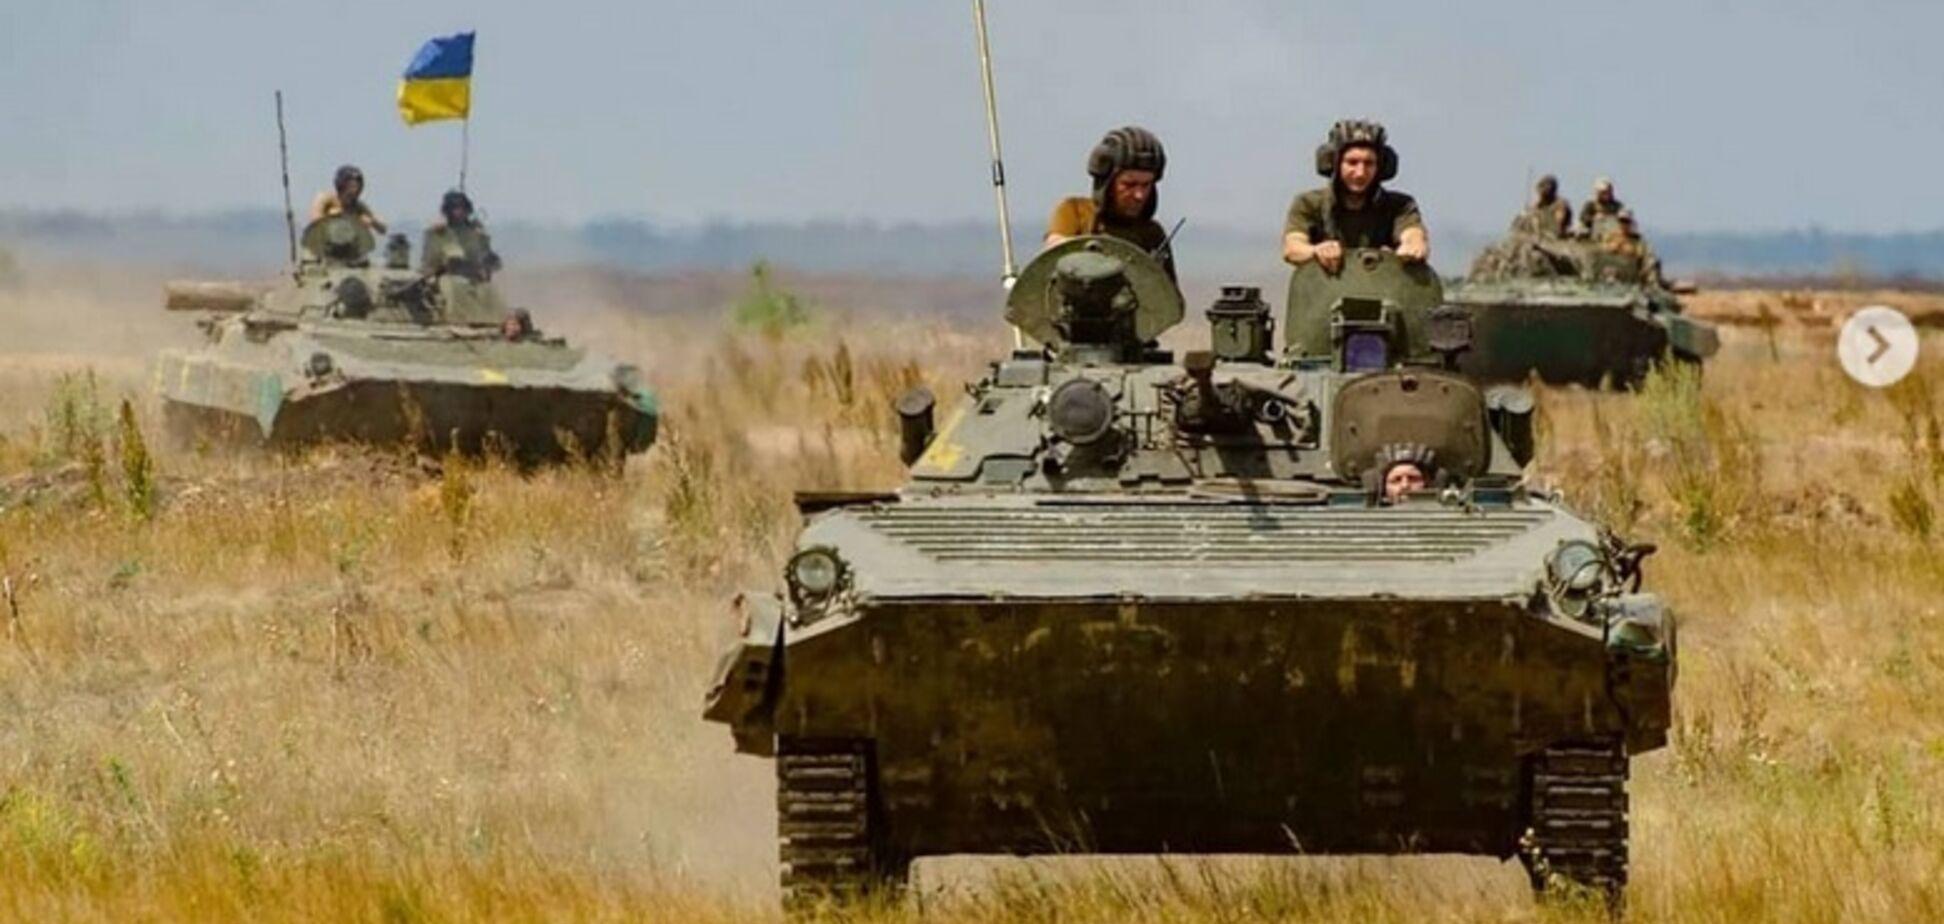 'И не будут стрелять!' Генерал нашел рецепт мира на Донбассе